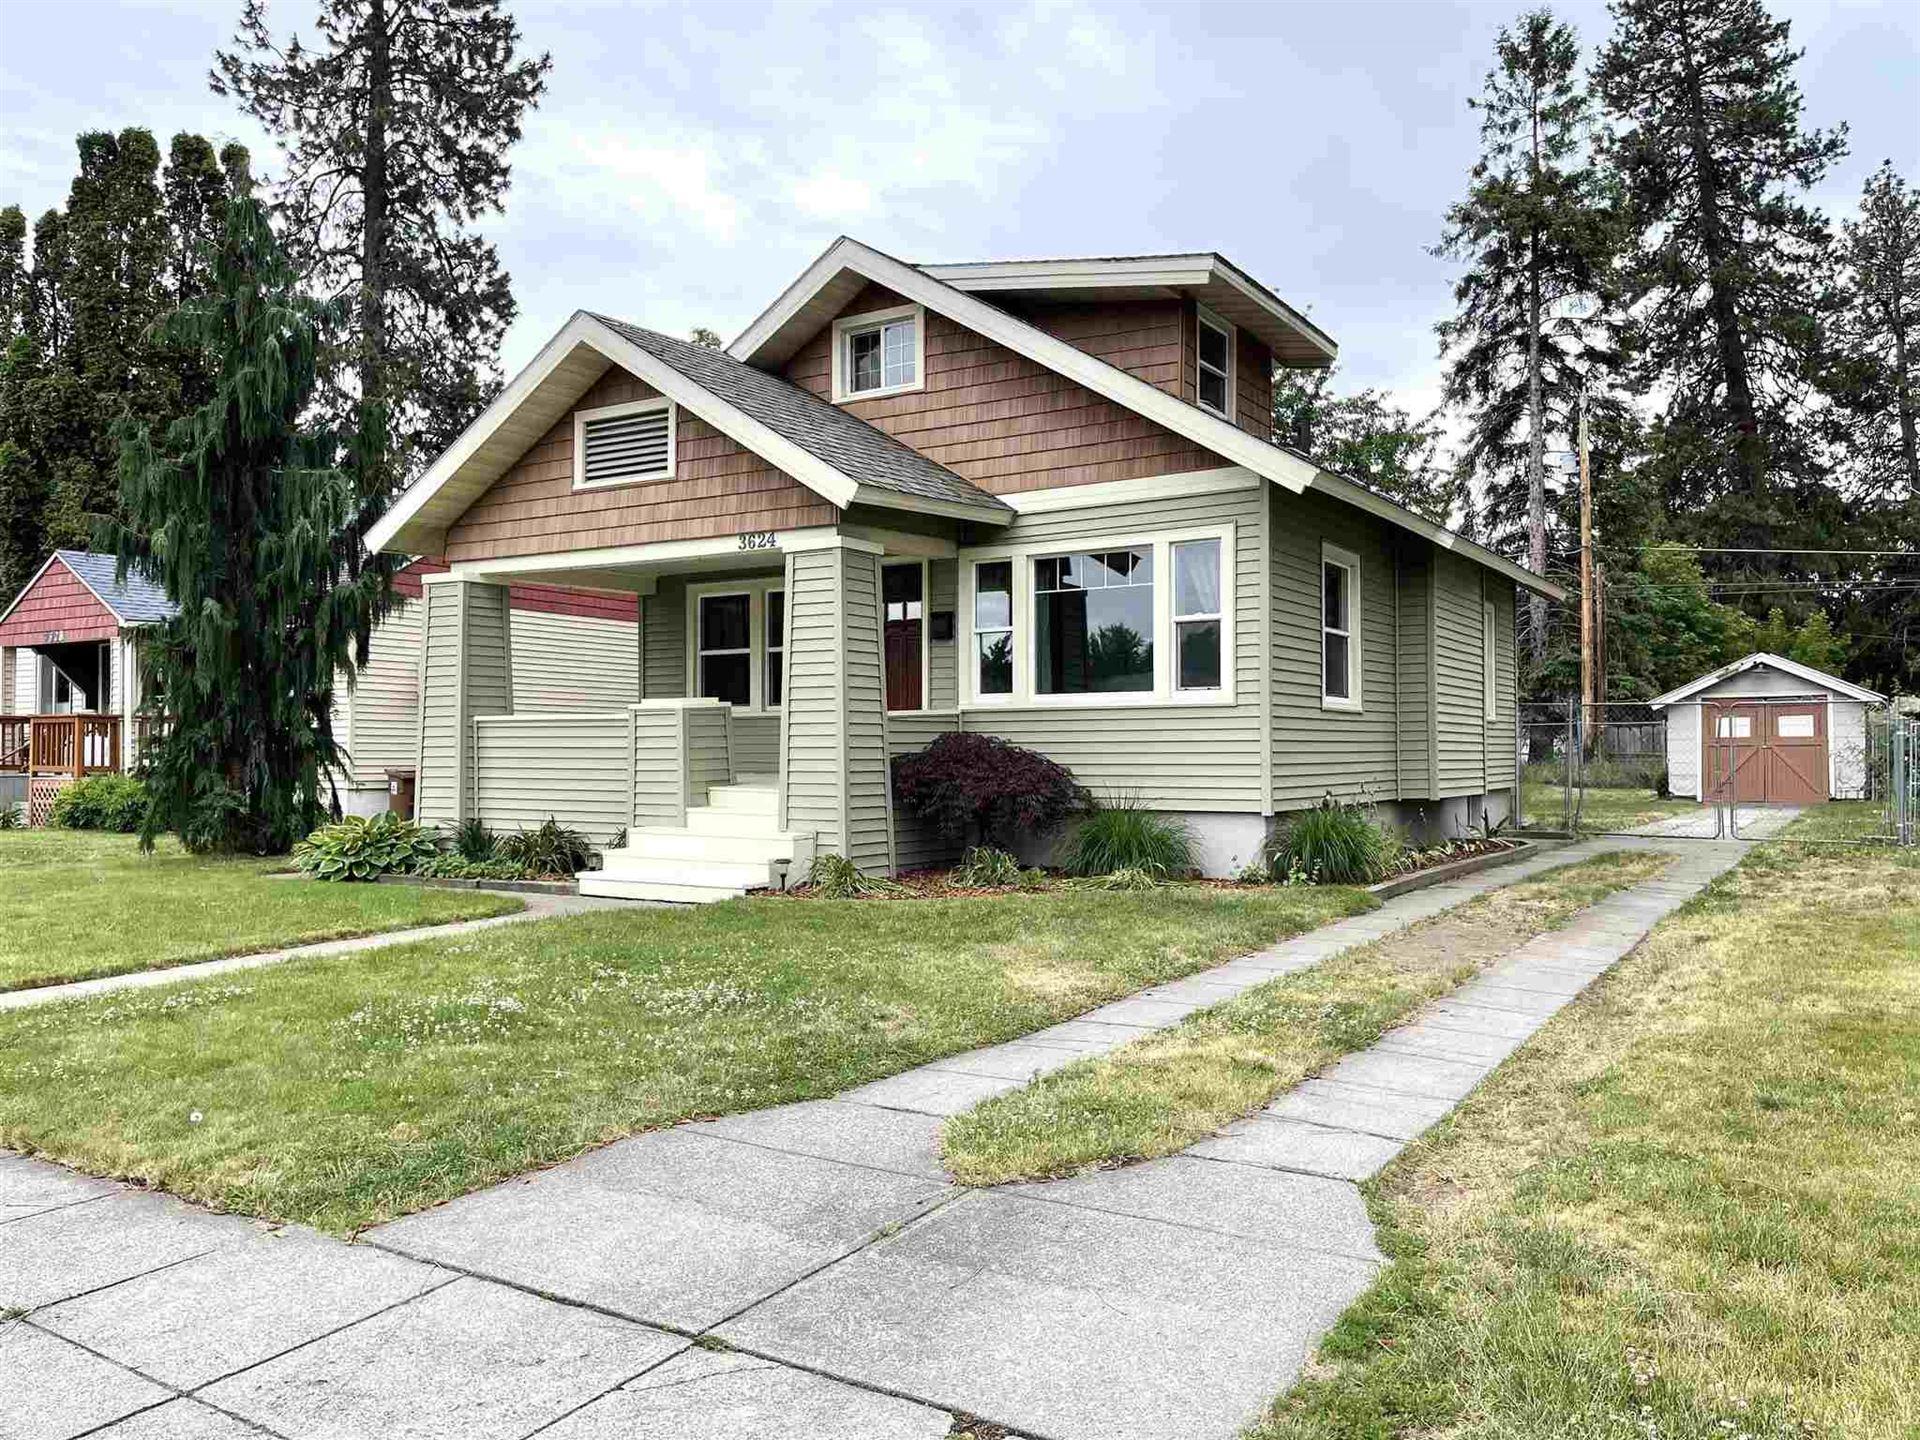 3624 E 6th Ave, Spokane, WA 99202 - #: 202116945